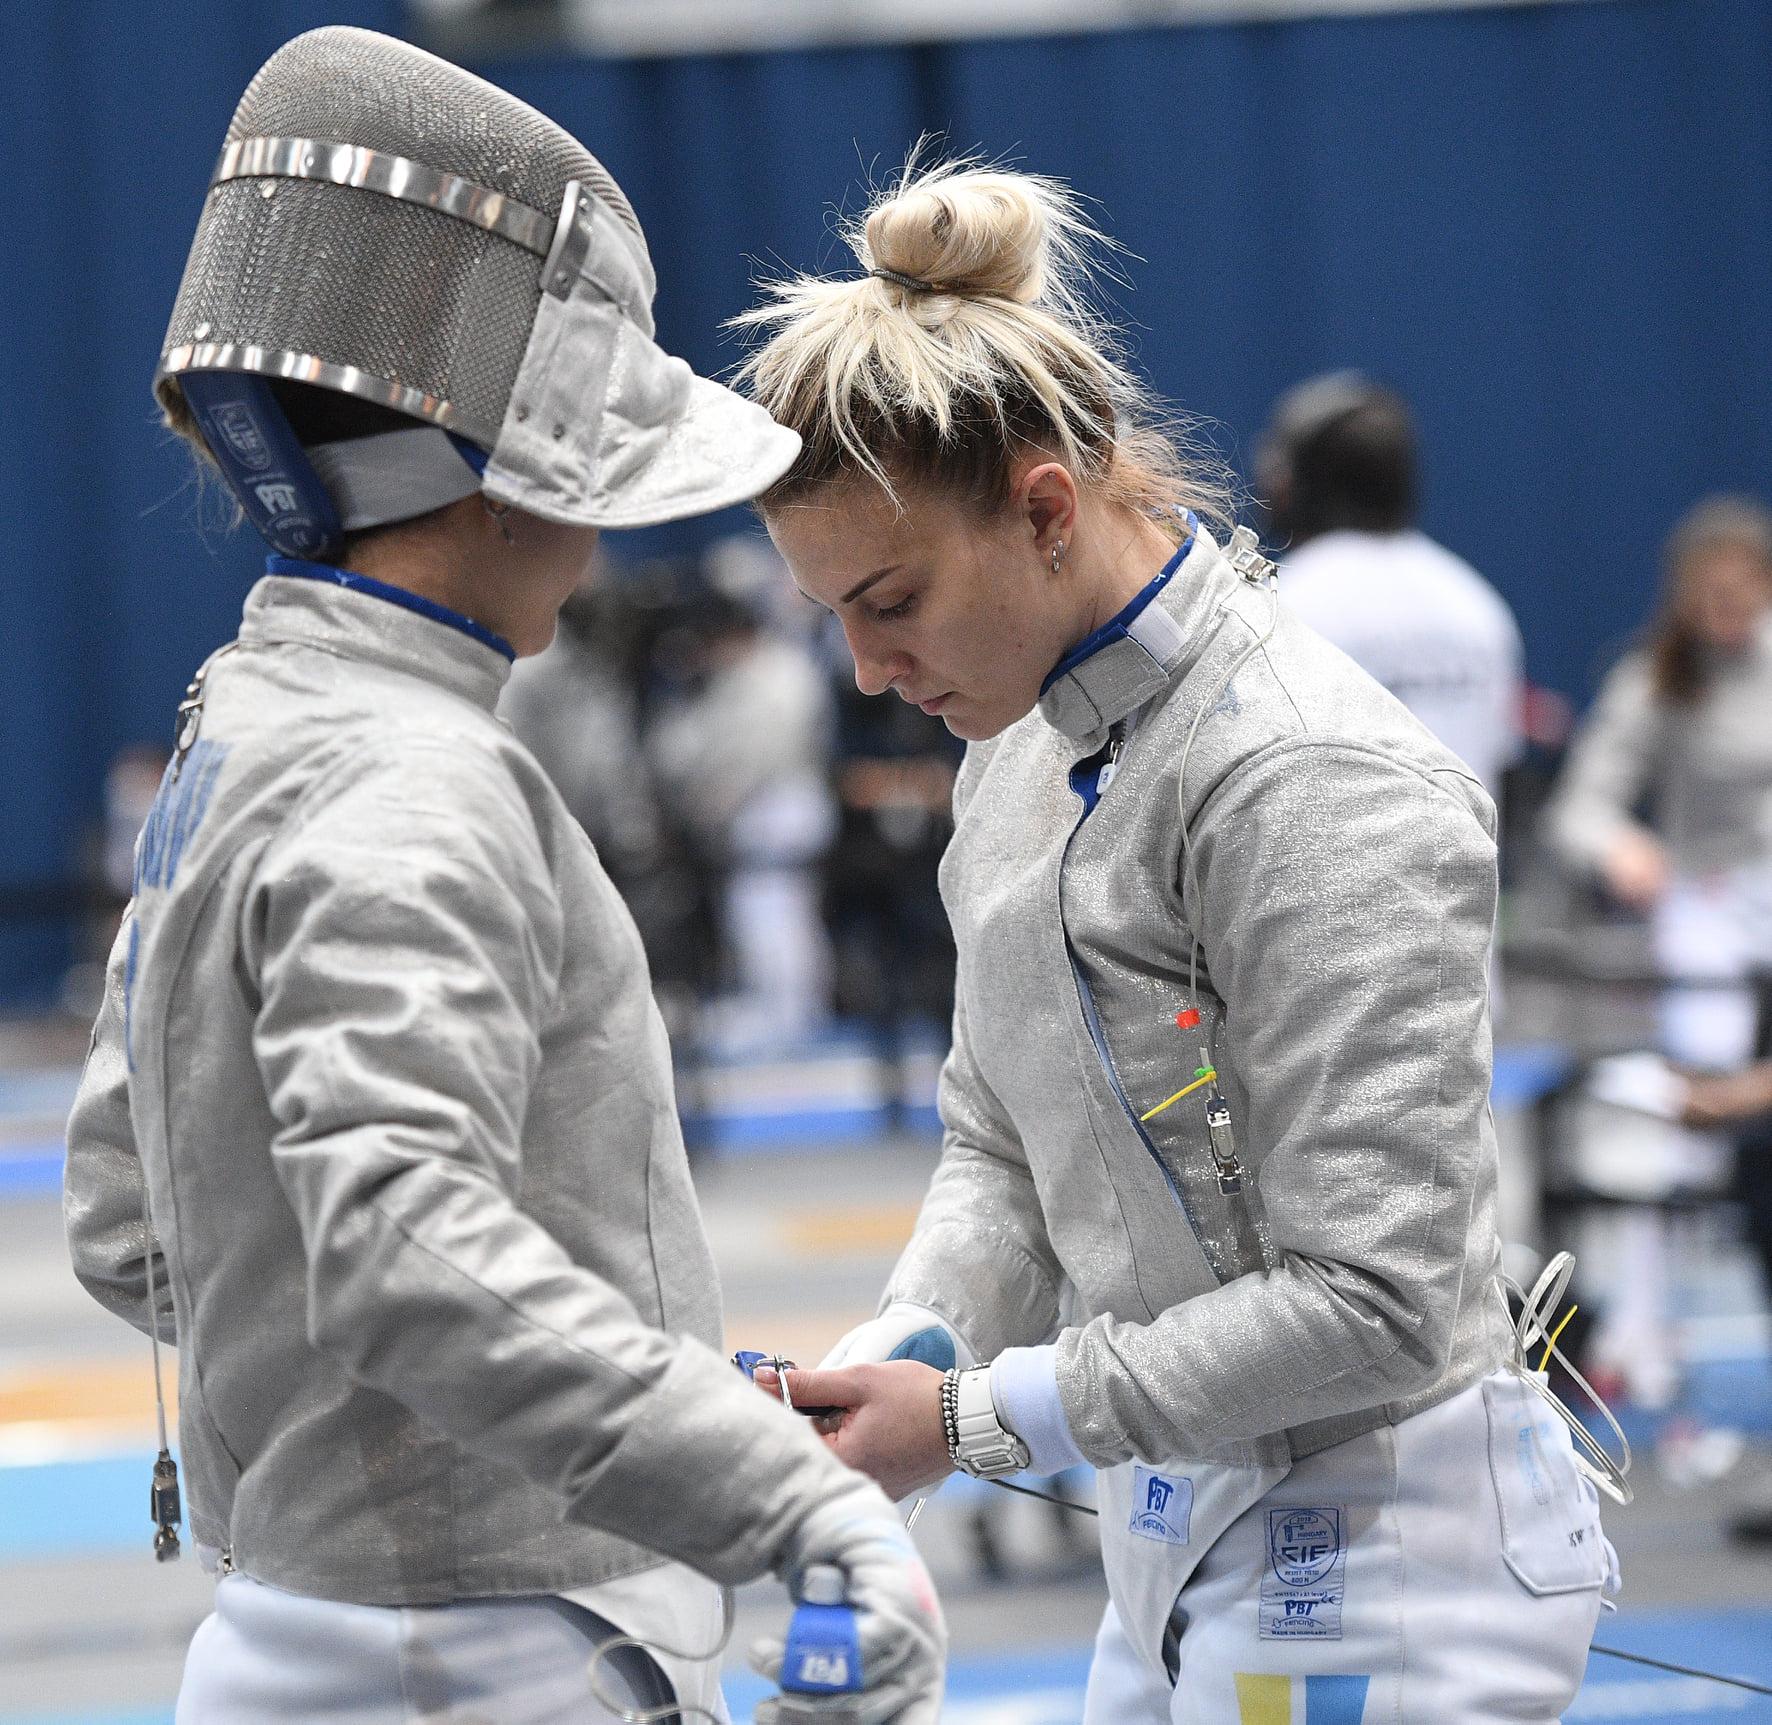 КС 2021 Будапешт: Шаблісти та шаблістки розіграли нагороди та очки в олімпійський рейтинг Токіо